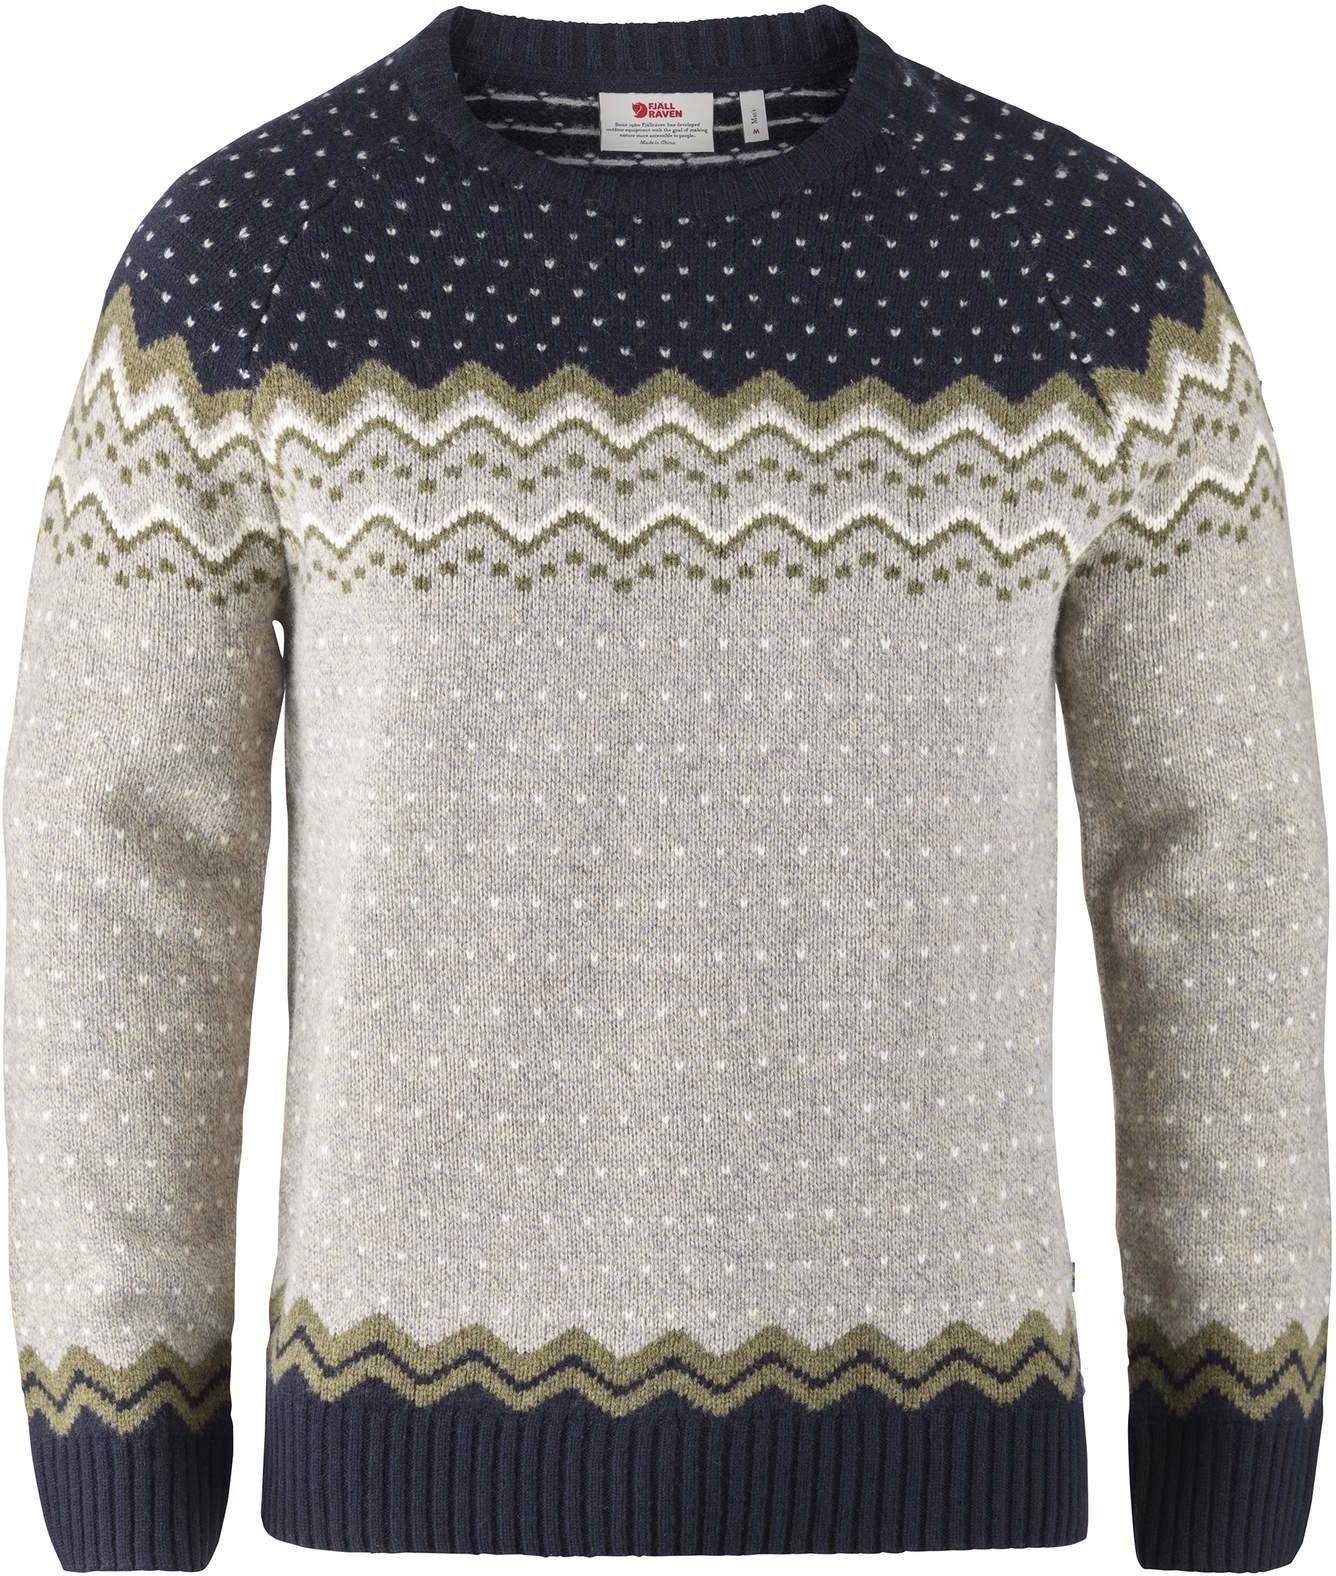 Strikket genser herre | Ullgensere og ullklær til herre